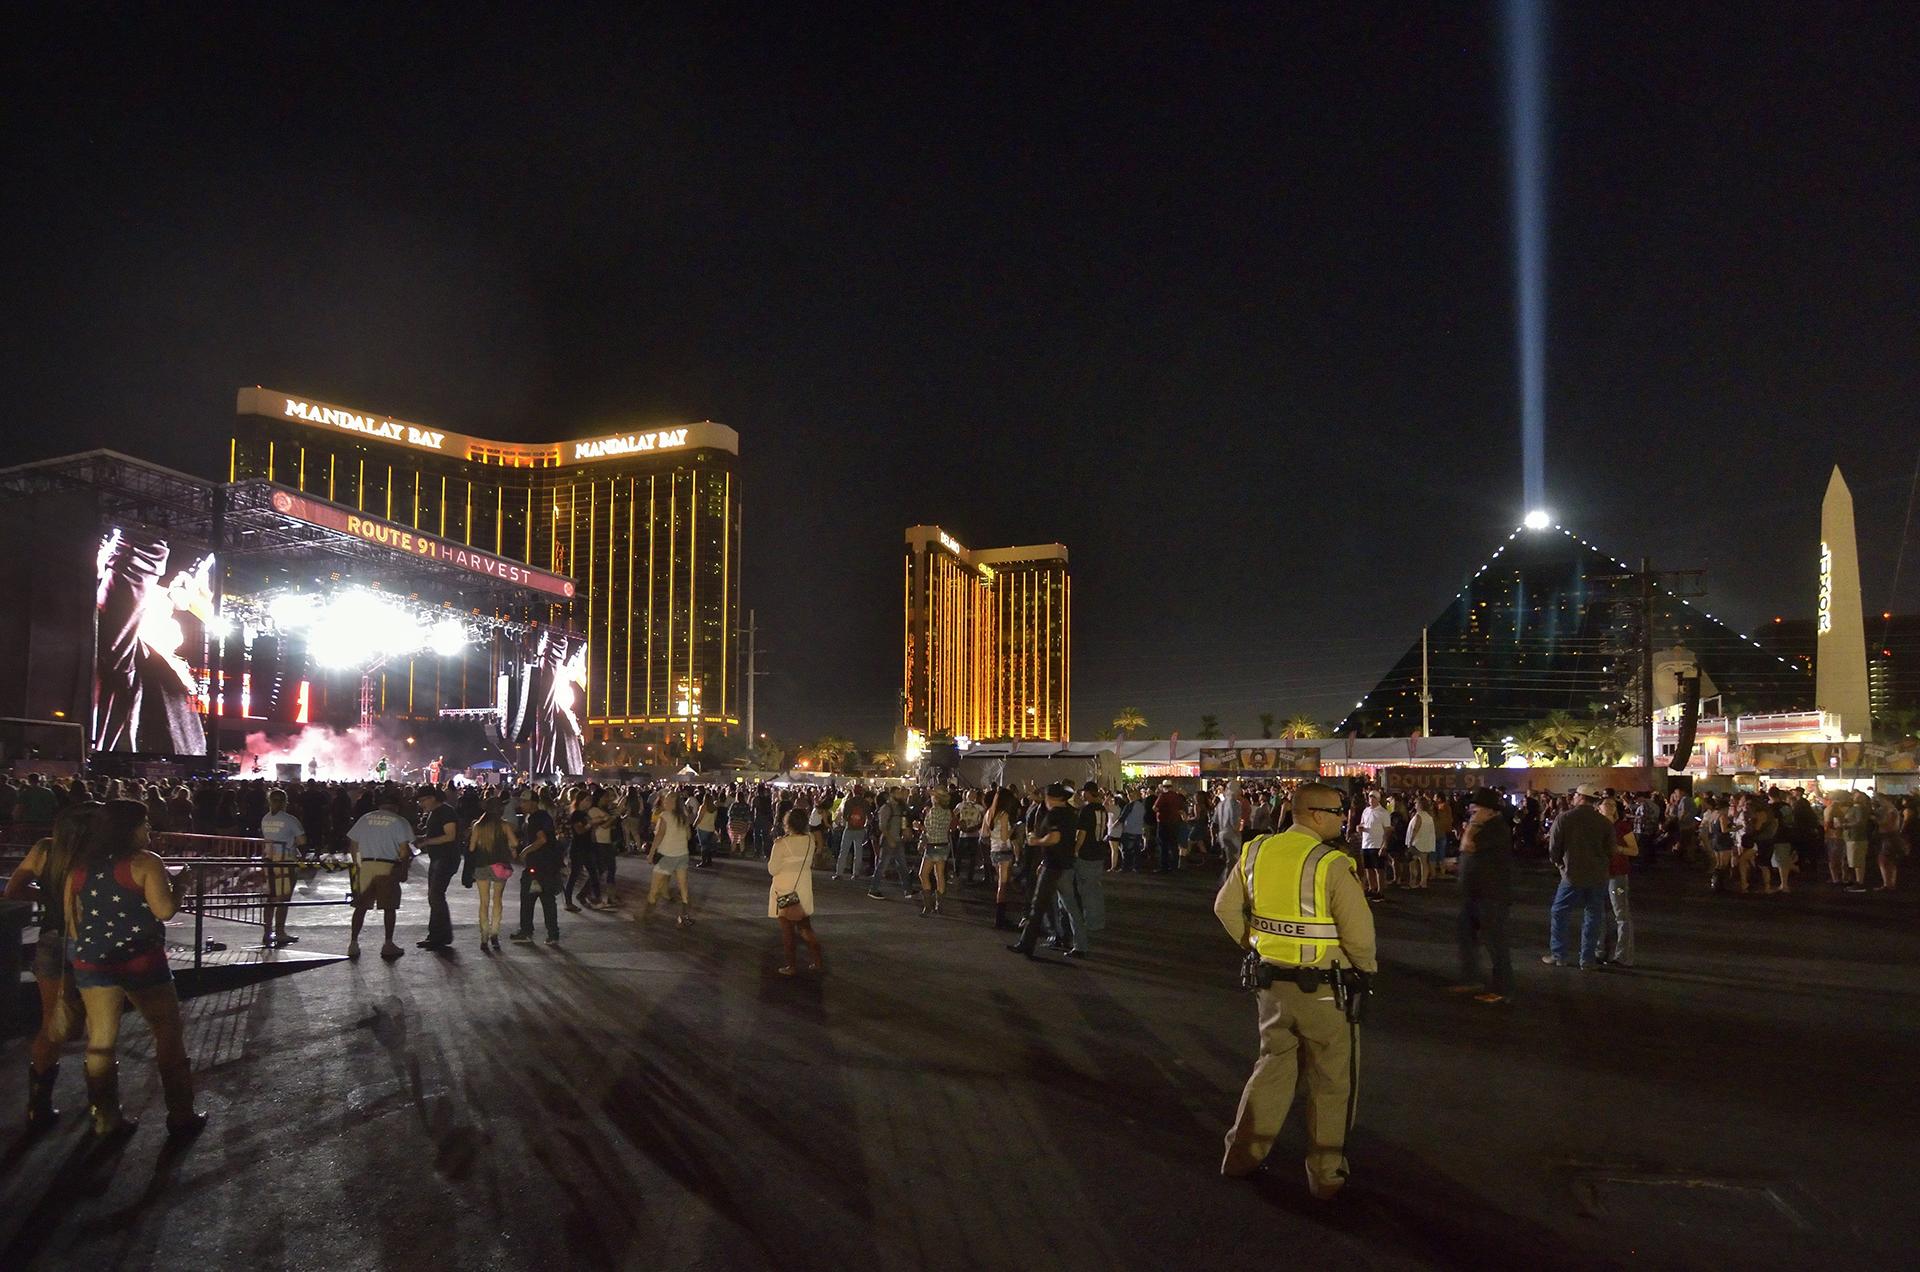 """MCX02 LAS VEGAS (ESTADOS UNIDOS), 02/10/2017.- Vista general de uno de los escenarios del festival de música """"Route 91. Harvest"""", en las Vegas, Estados Unidos, el 30 de septiembre de 2017."""